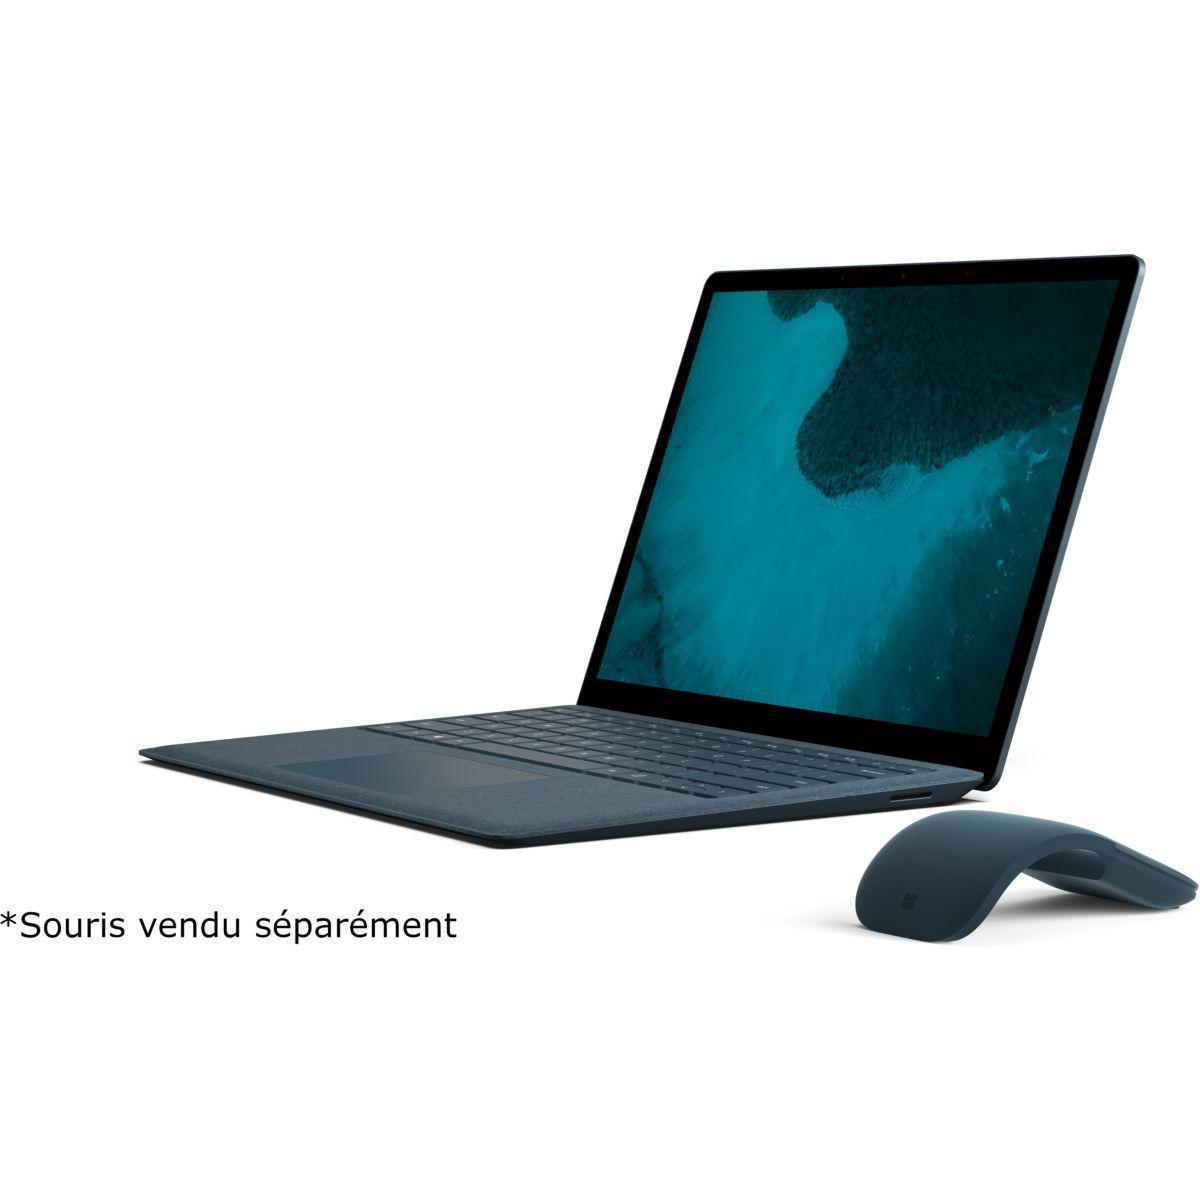 Ordinateur Portable 217 Sur Ordinateur Portable Surface Laptop 2 I5 8 256 Cobalt Chez La Redoute Ordinateur Portable Ordinateur Prix Ordinateur Portable